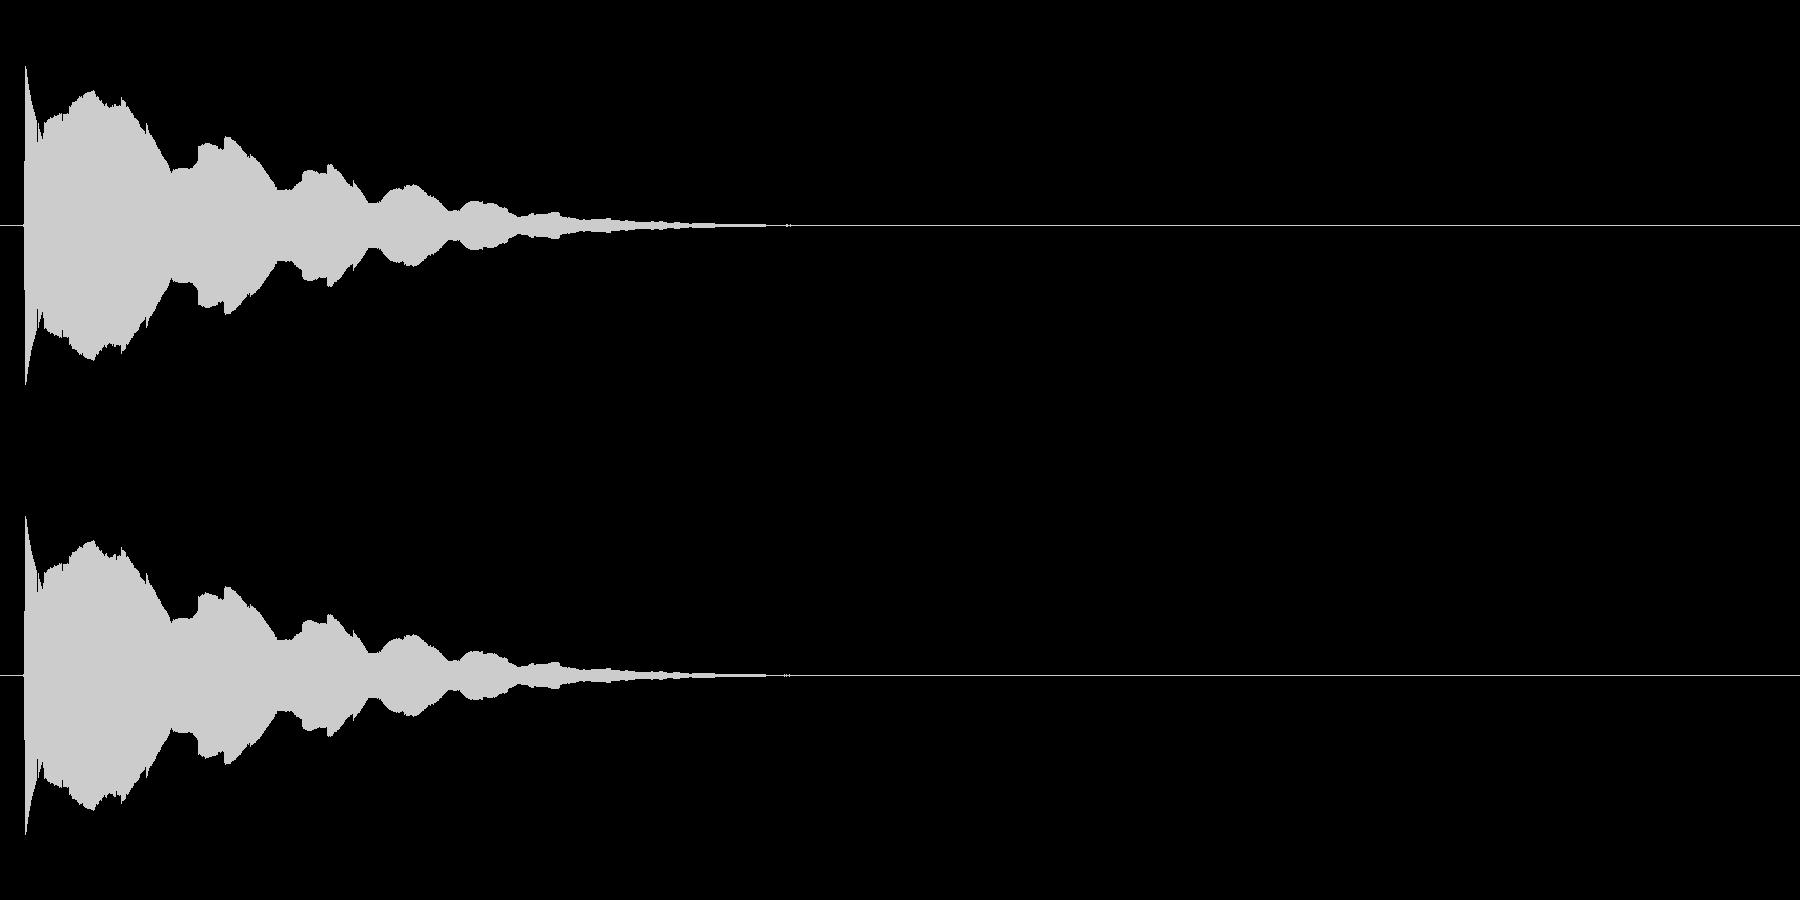 テュリリリリッ↑(場面転換、ころころ)の未再生の波形